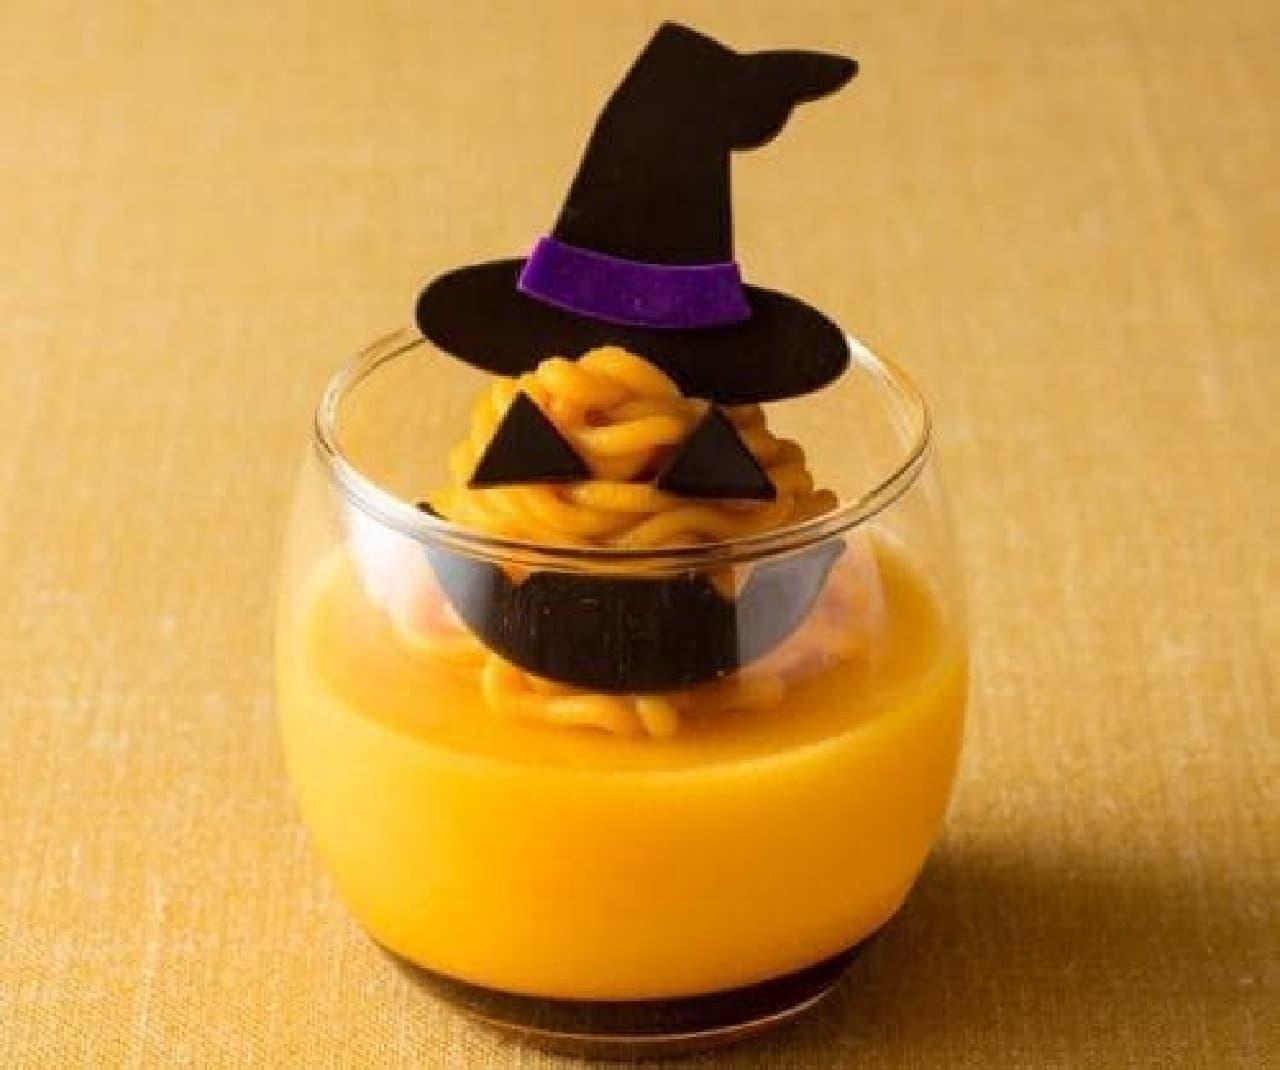 セルリアンタワー東急ホテル「かぼちゃのプリン」